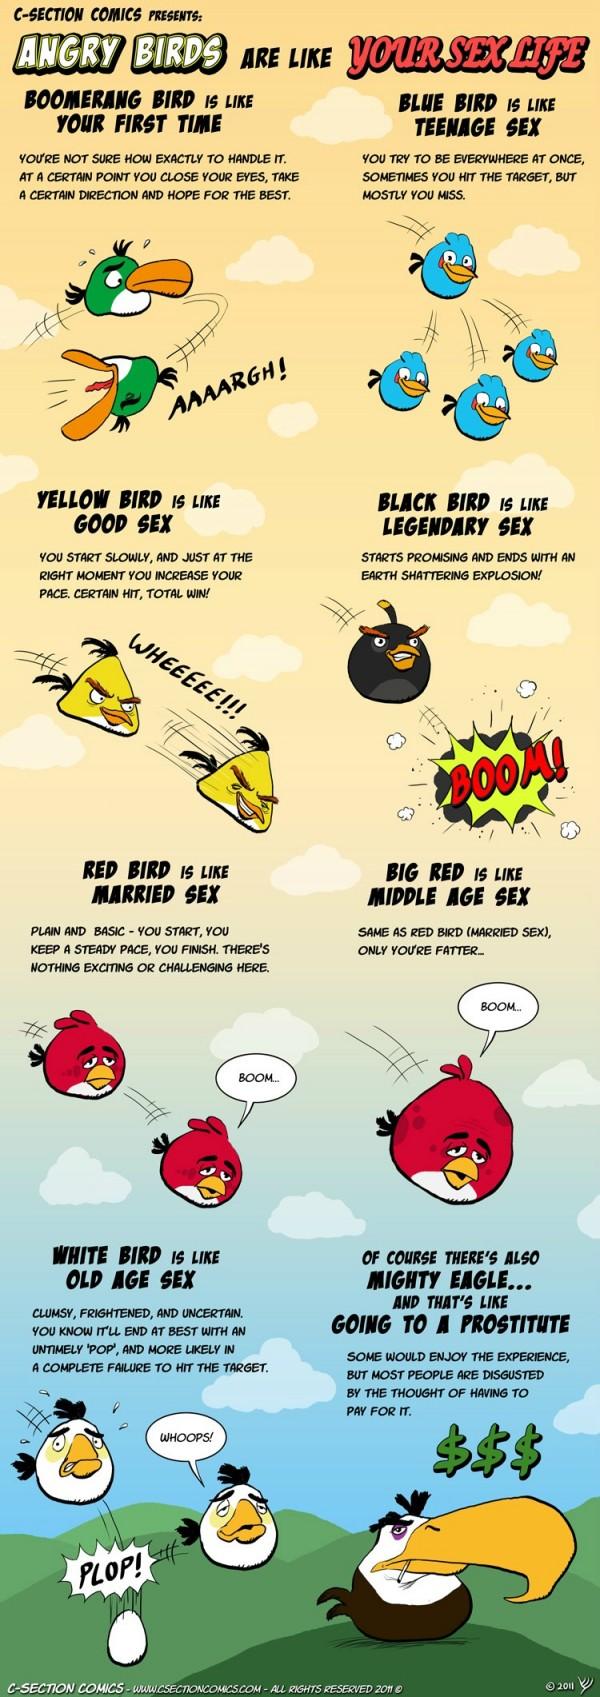 Cómic: Cómo se parece tu vida sexual a los Angry Birds